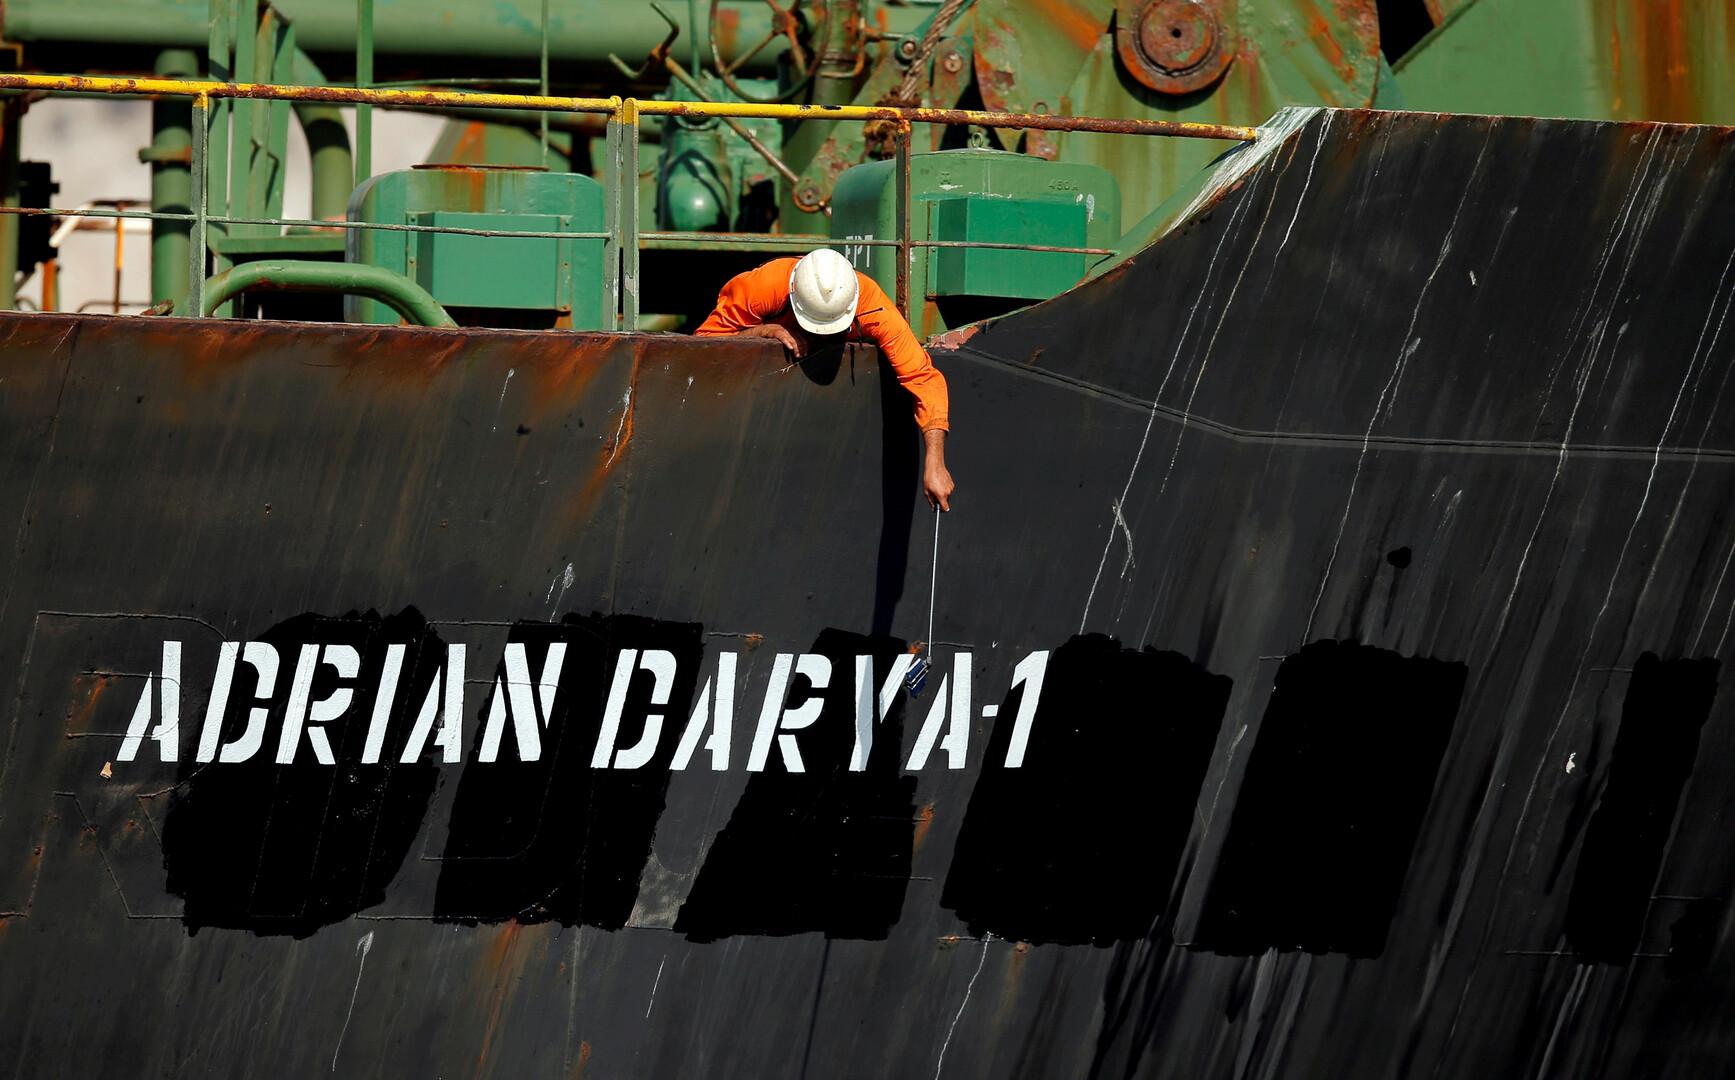 الخارجية الأمريكية تعترف برشوة قبطان